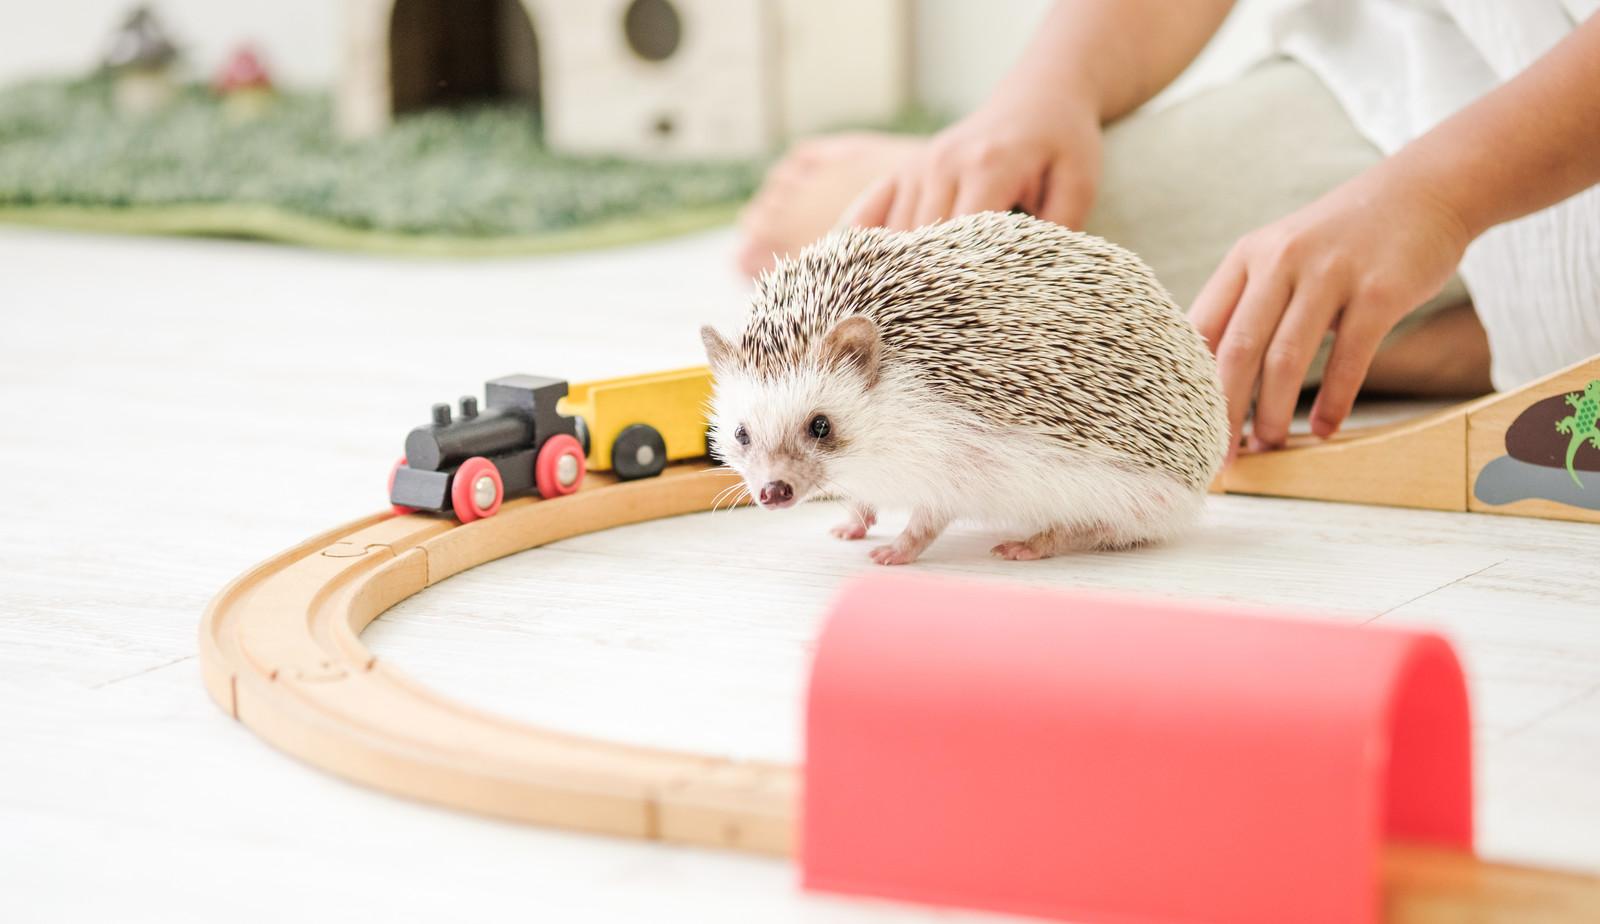 「木のレールのおもちゃで飼い主と一緒に遊ぶハリネズミ   写真の無料素材・フリー素材 - ぱくたそ」の写真